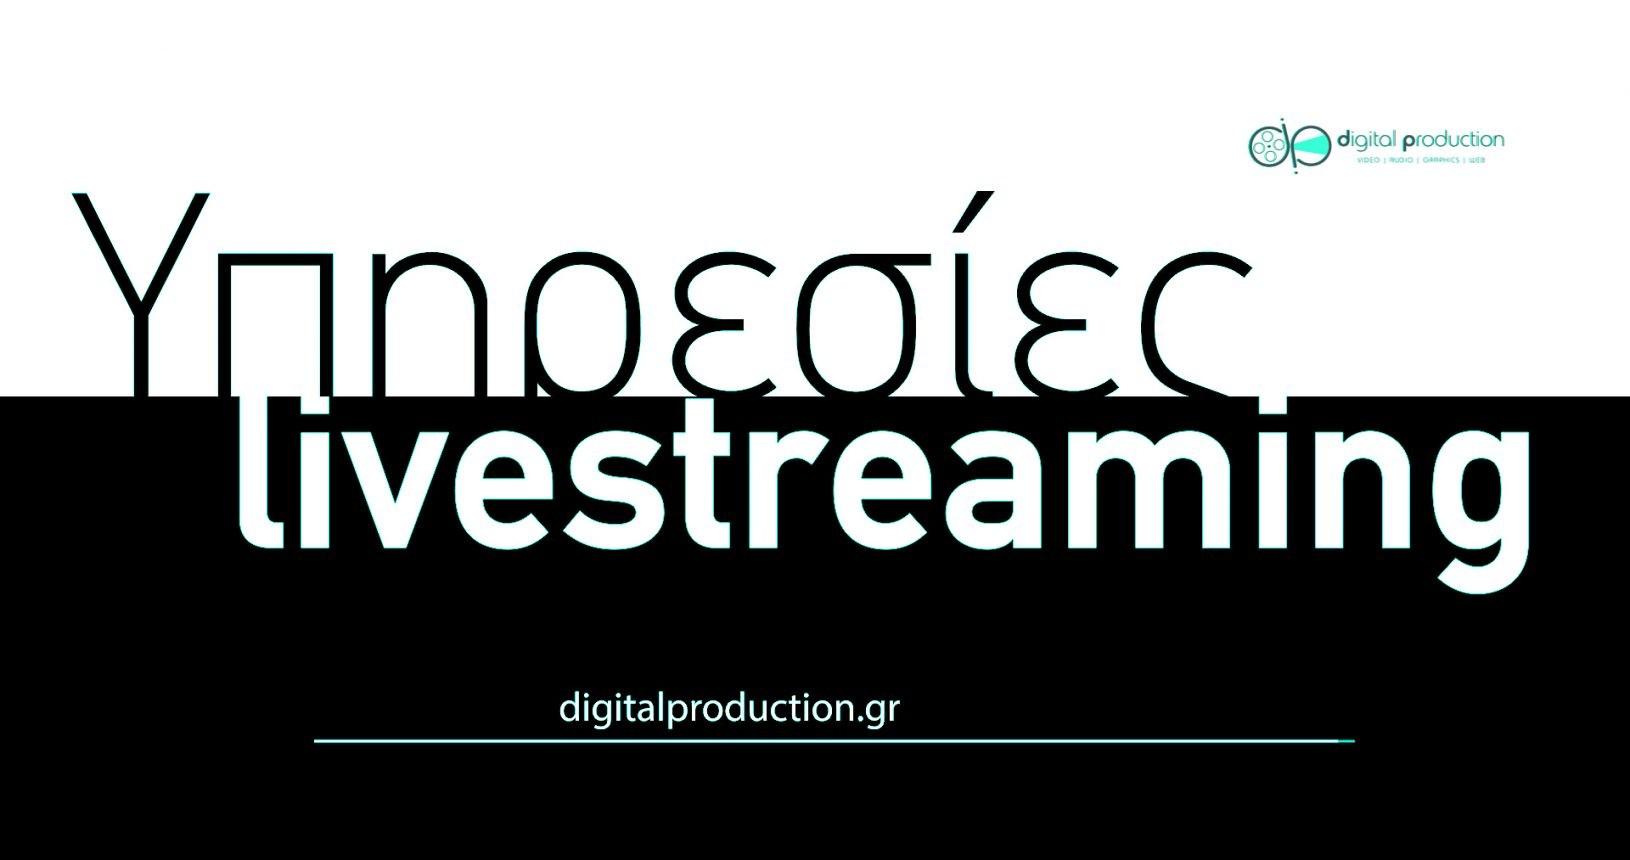 Οπτικοακουστική κάλυψη εκδηλώσεων με livestreaming βίντεο | Digital Production